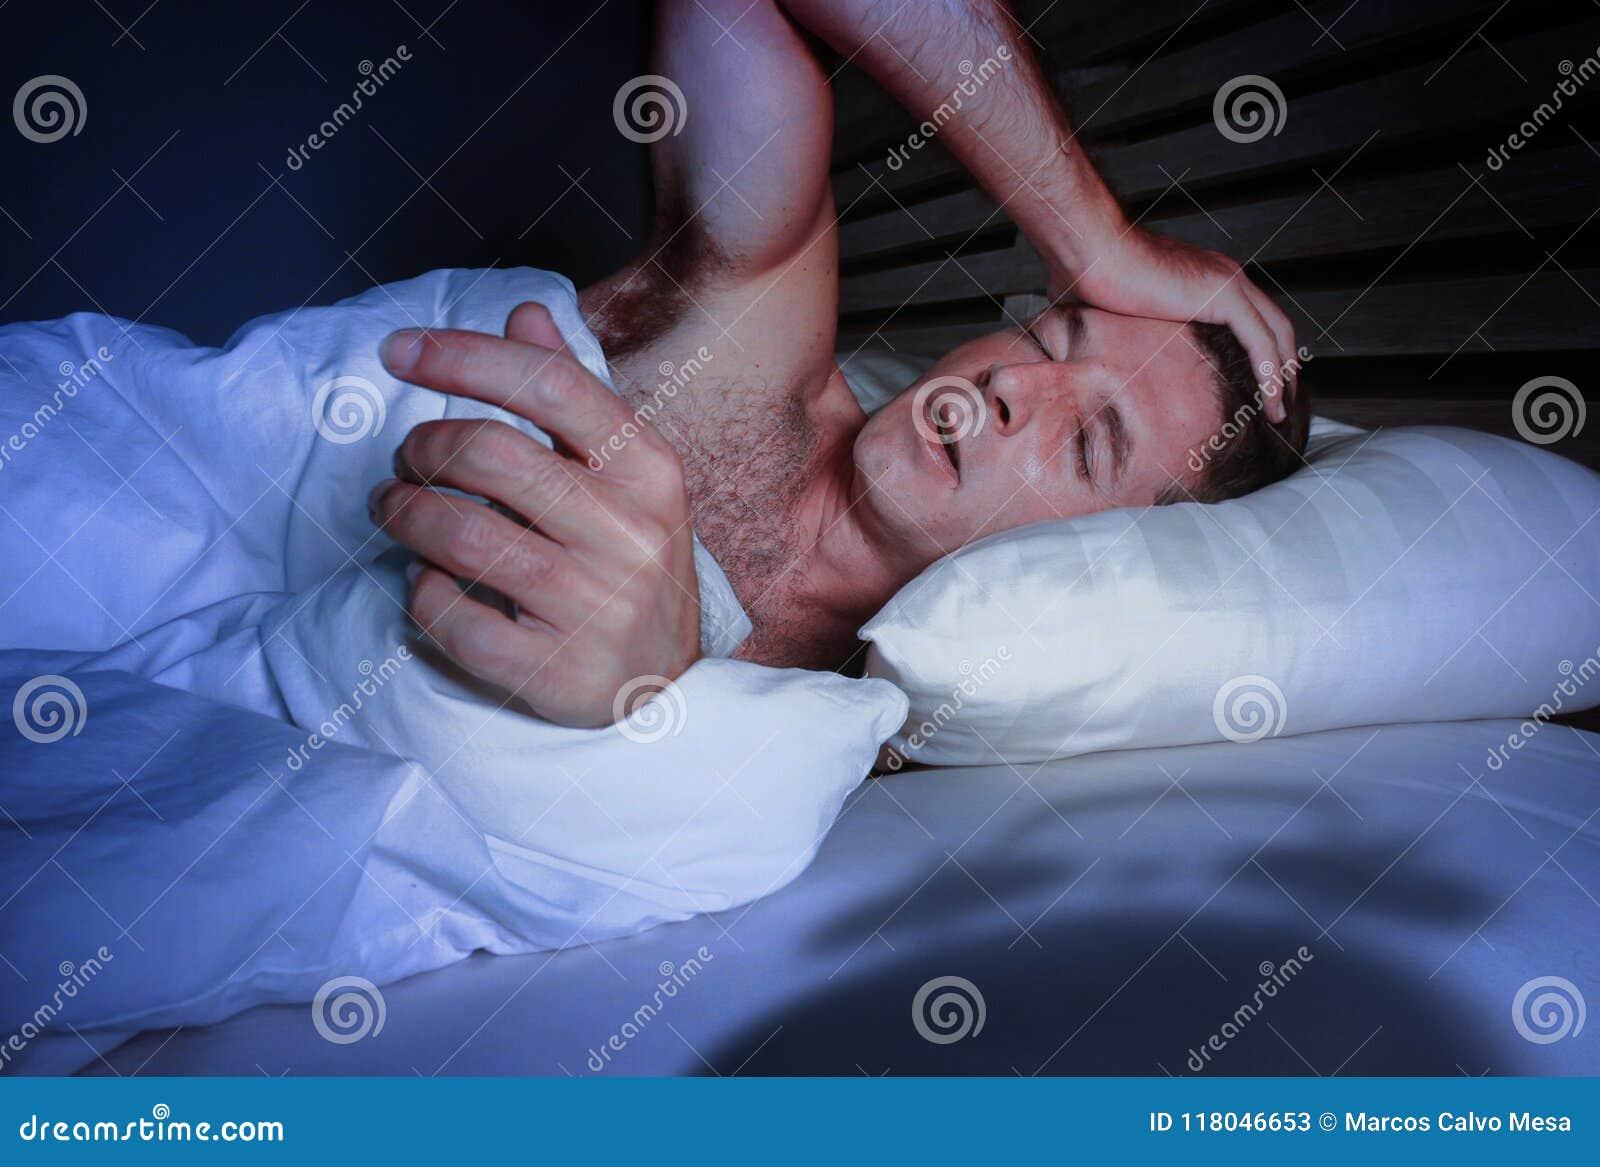 Rusteloze ongerust gemaakte jonge aantrekkelijke mens wakker bij nacht die op slaap dis liggen van de bed de slapeloze wanhopige